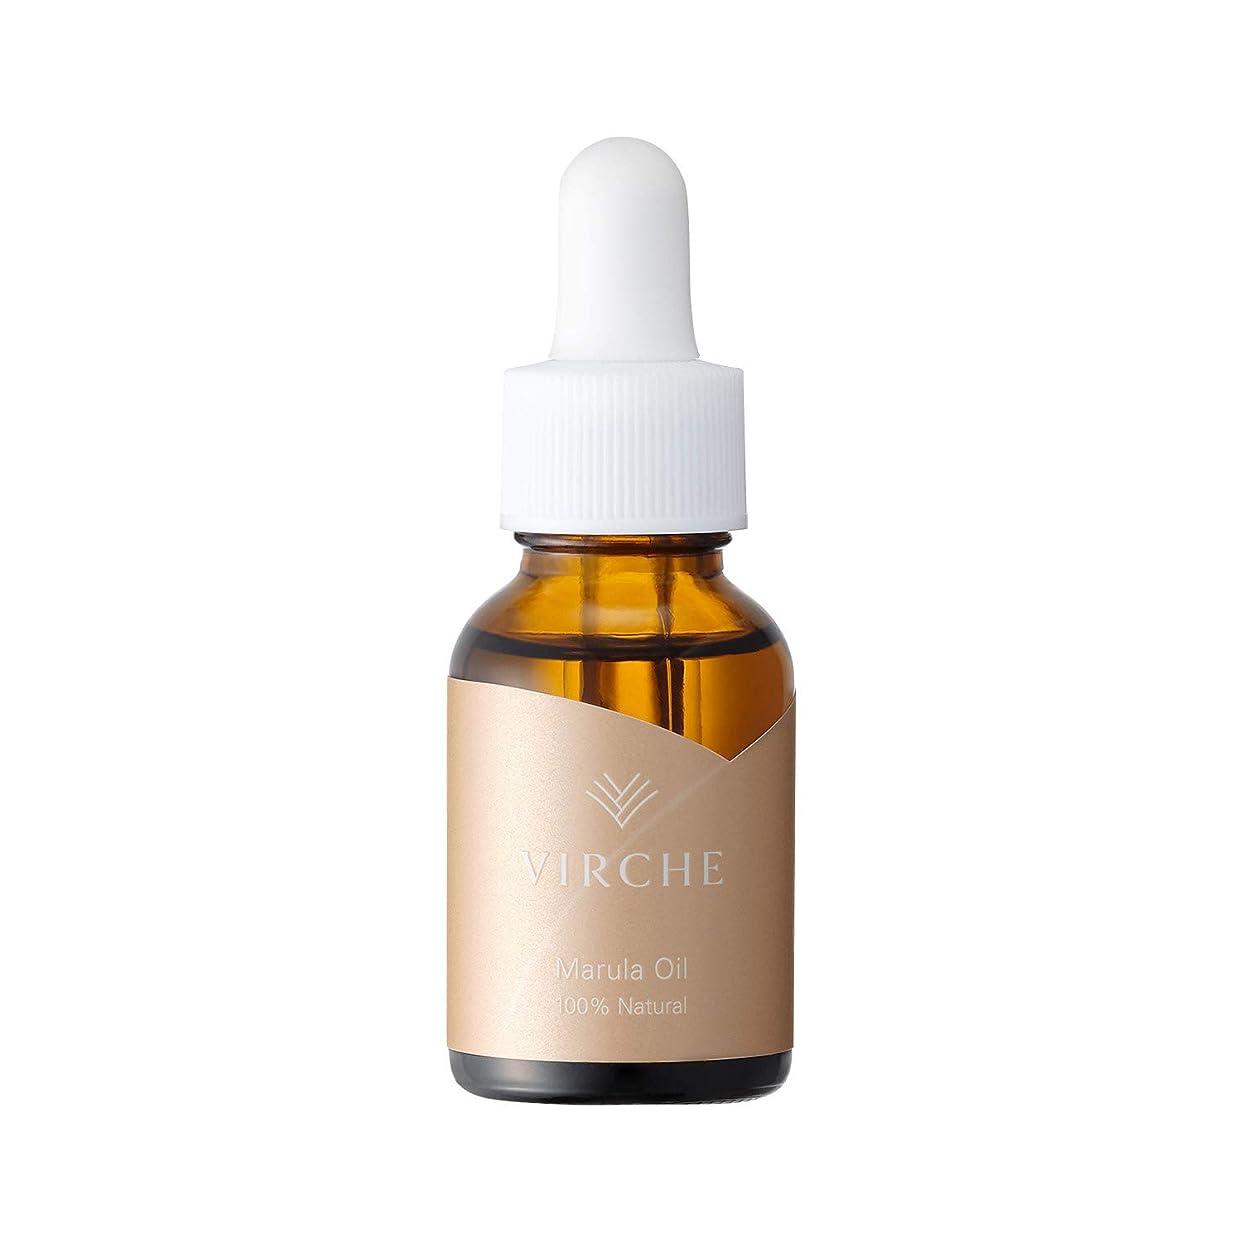 ぴかぴかマナー社会マルラオイル(Marula Oil)国内で品質管理/無香料/防腐剤、香料、着色料すべて無添加の美容オイル/18ml(髪など全身に使えて約30日分)